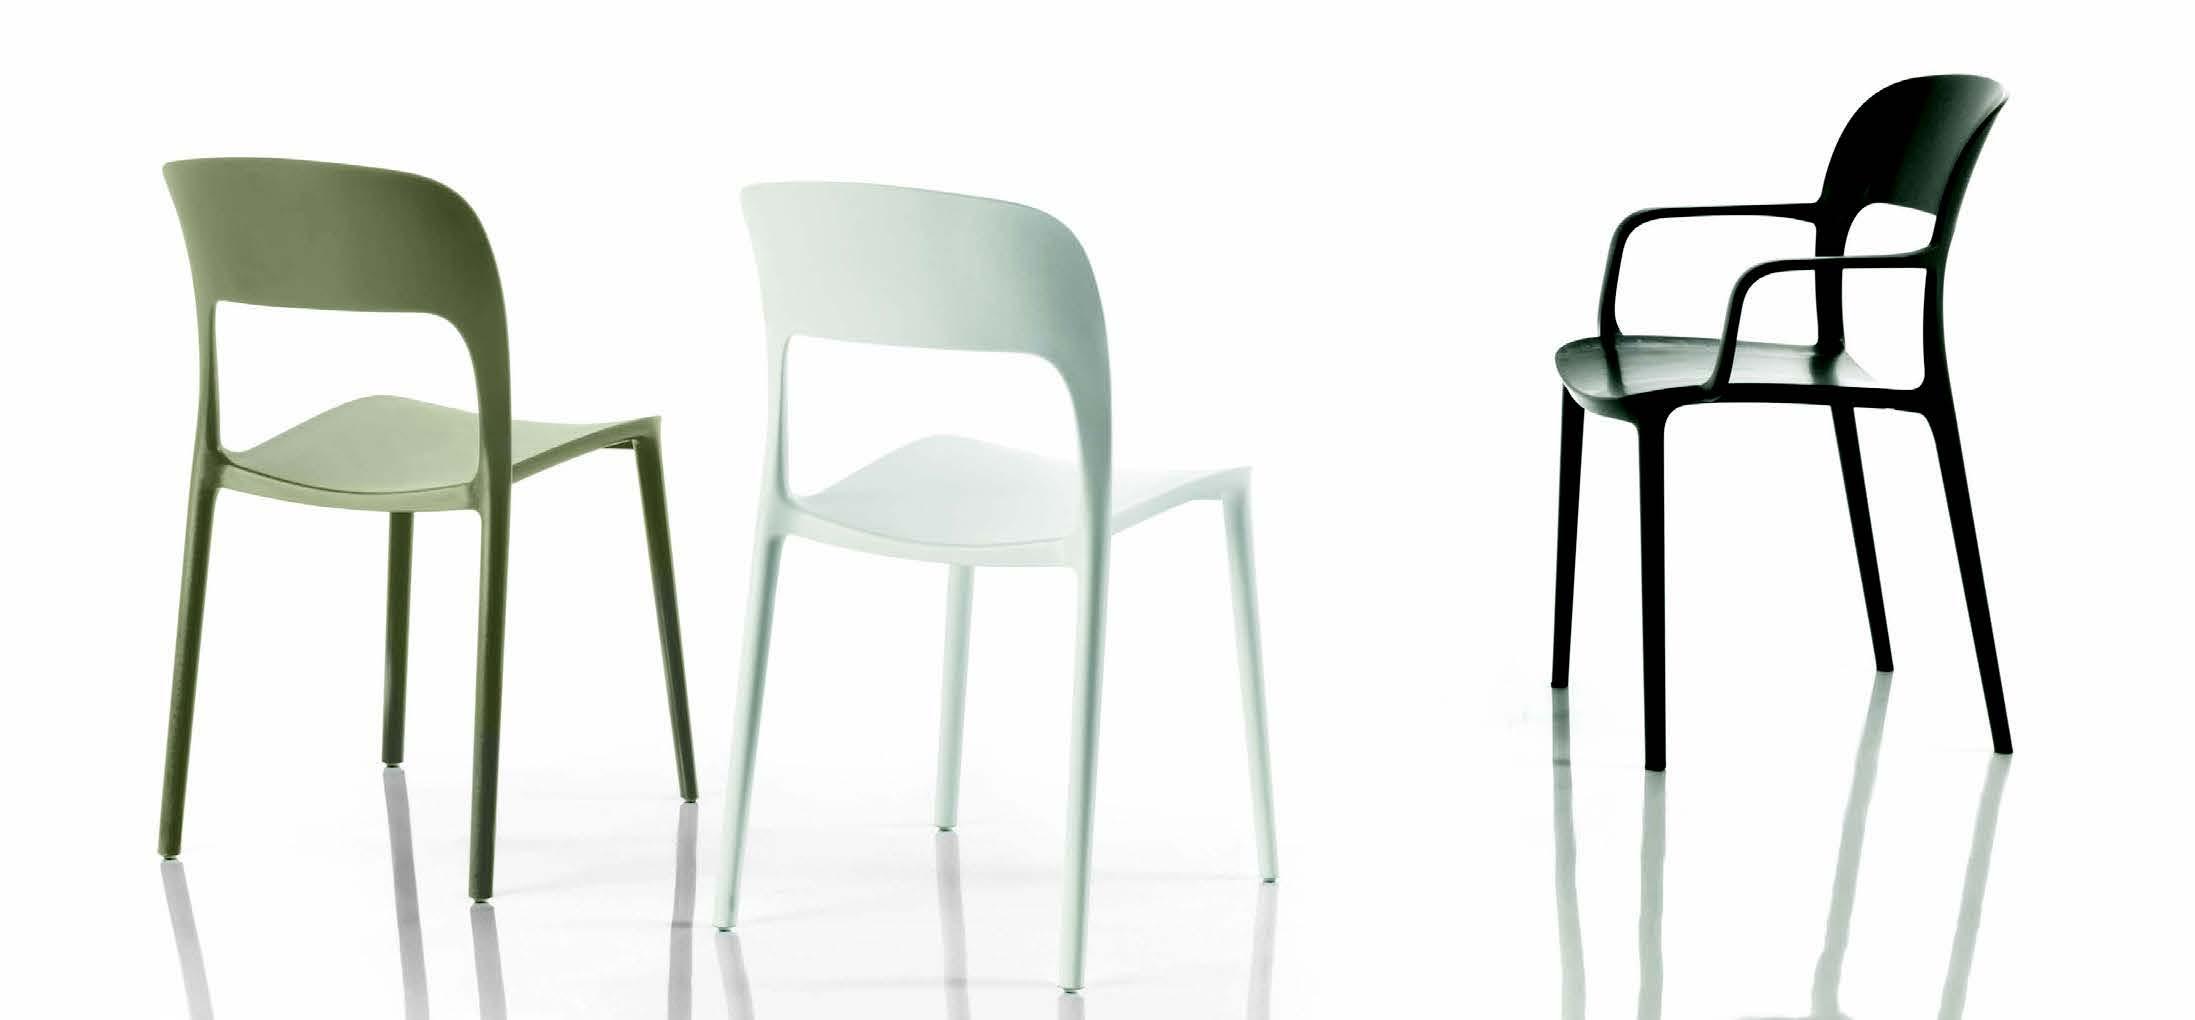 Sedia in polipropilene gipsy galimberti sedie e tavoli for Sedia polipropilene